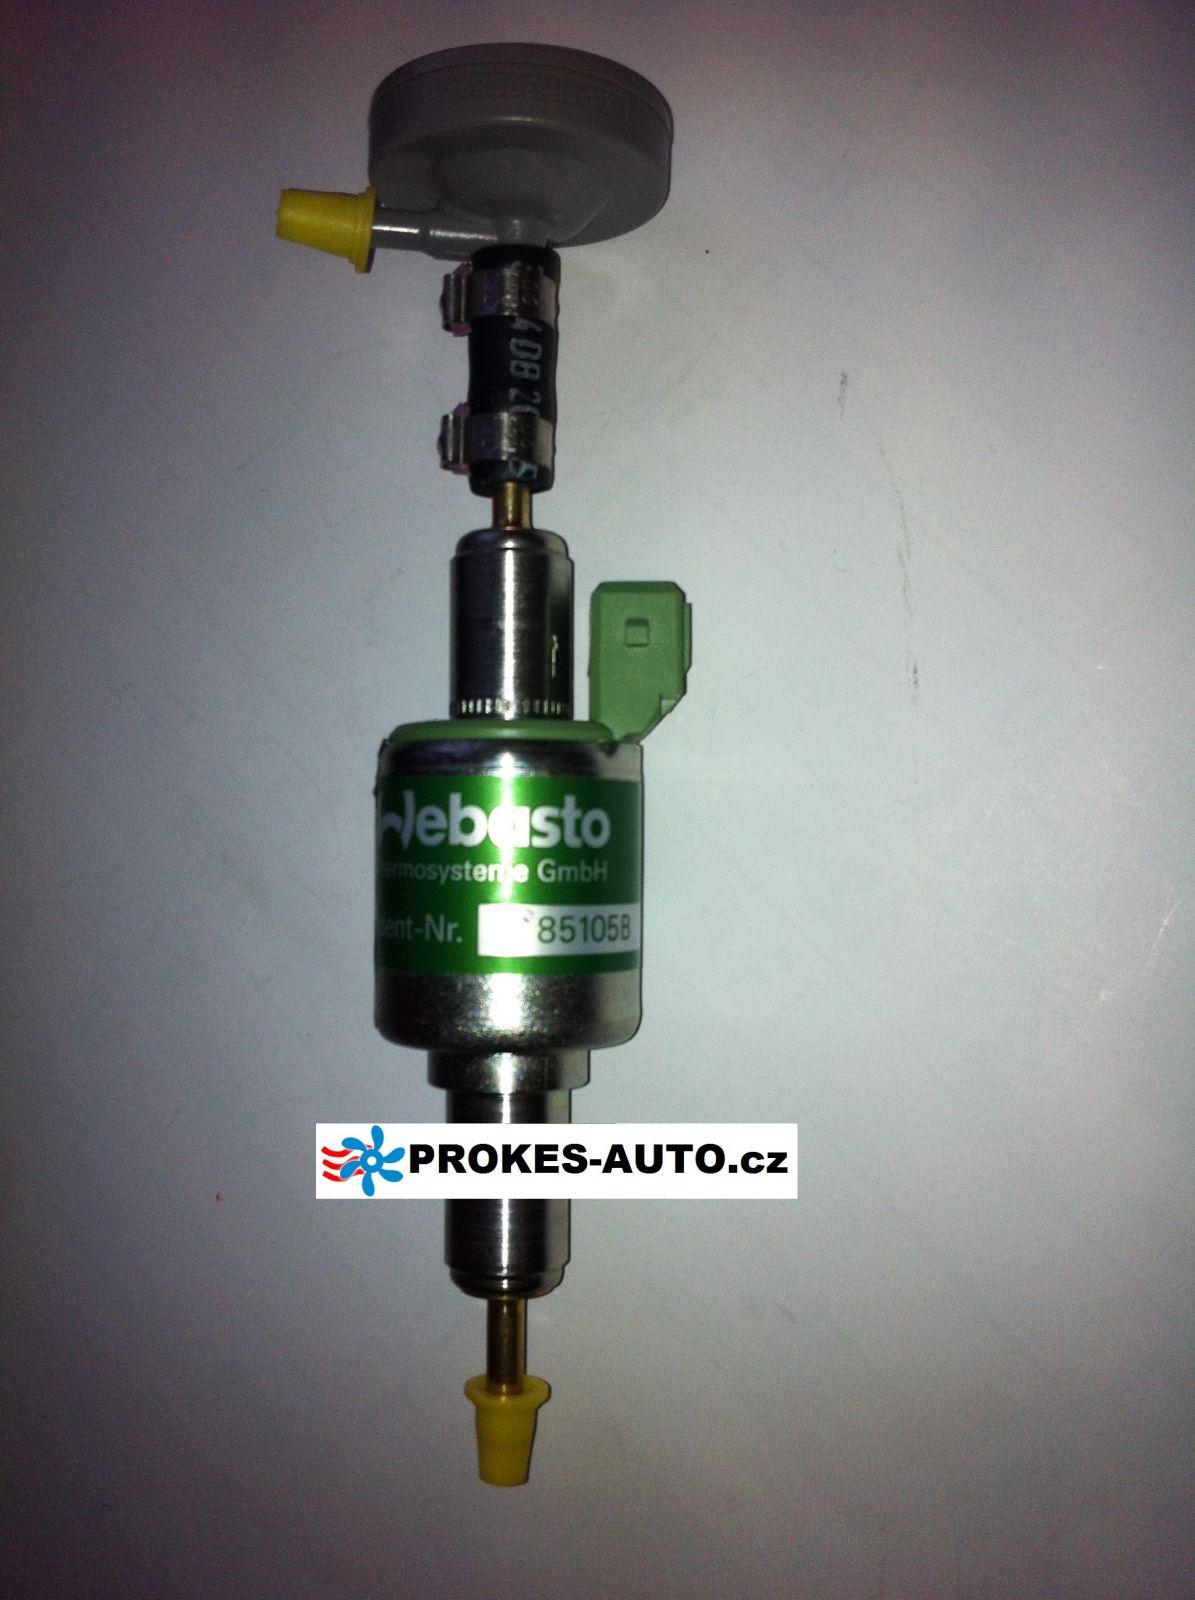 Webasto palivové čerpadlo DP30 24V 85105B / 1322422 / 85105 / 1322422A